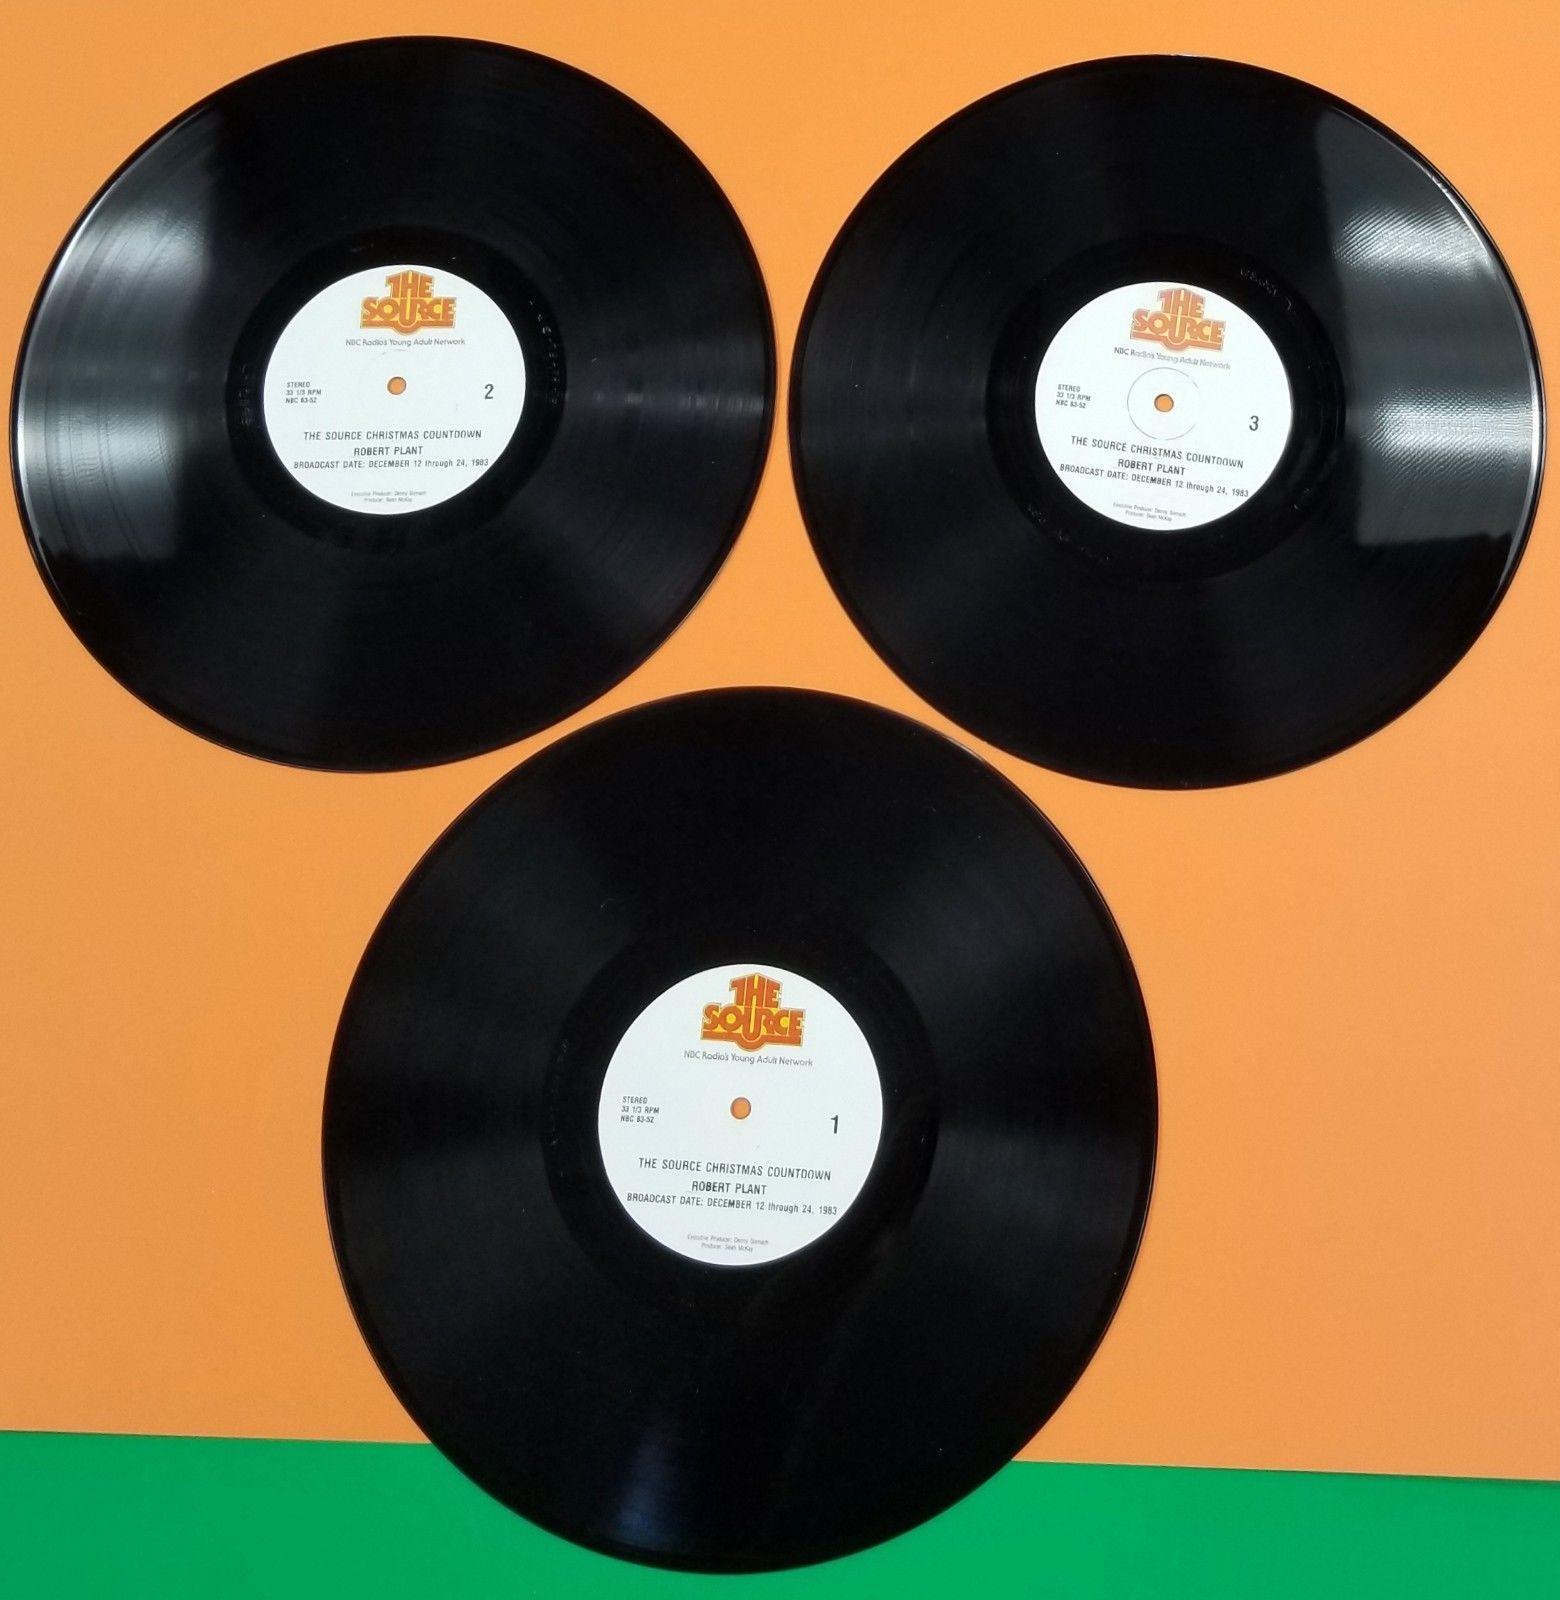 led zeppelin robert plant the source 6 lp mint vinyl christmas radio show 82 83 - Led Zeppelin Christmas